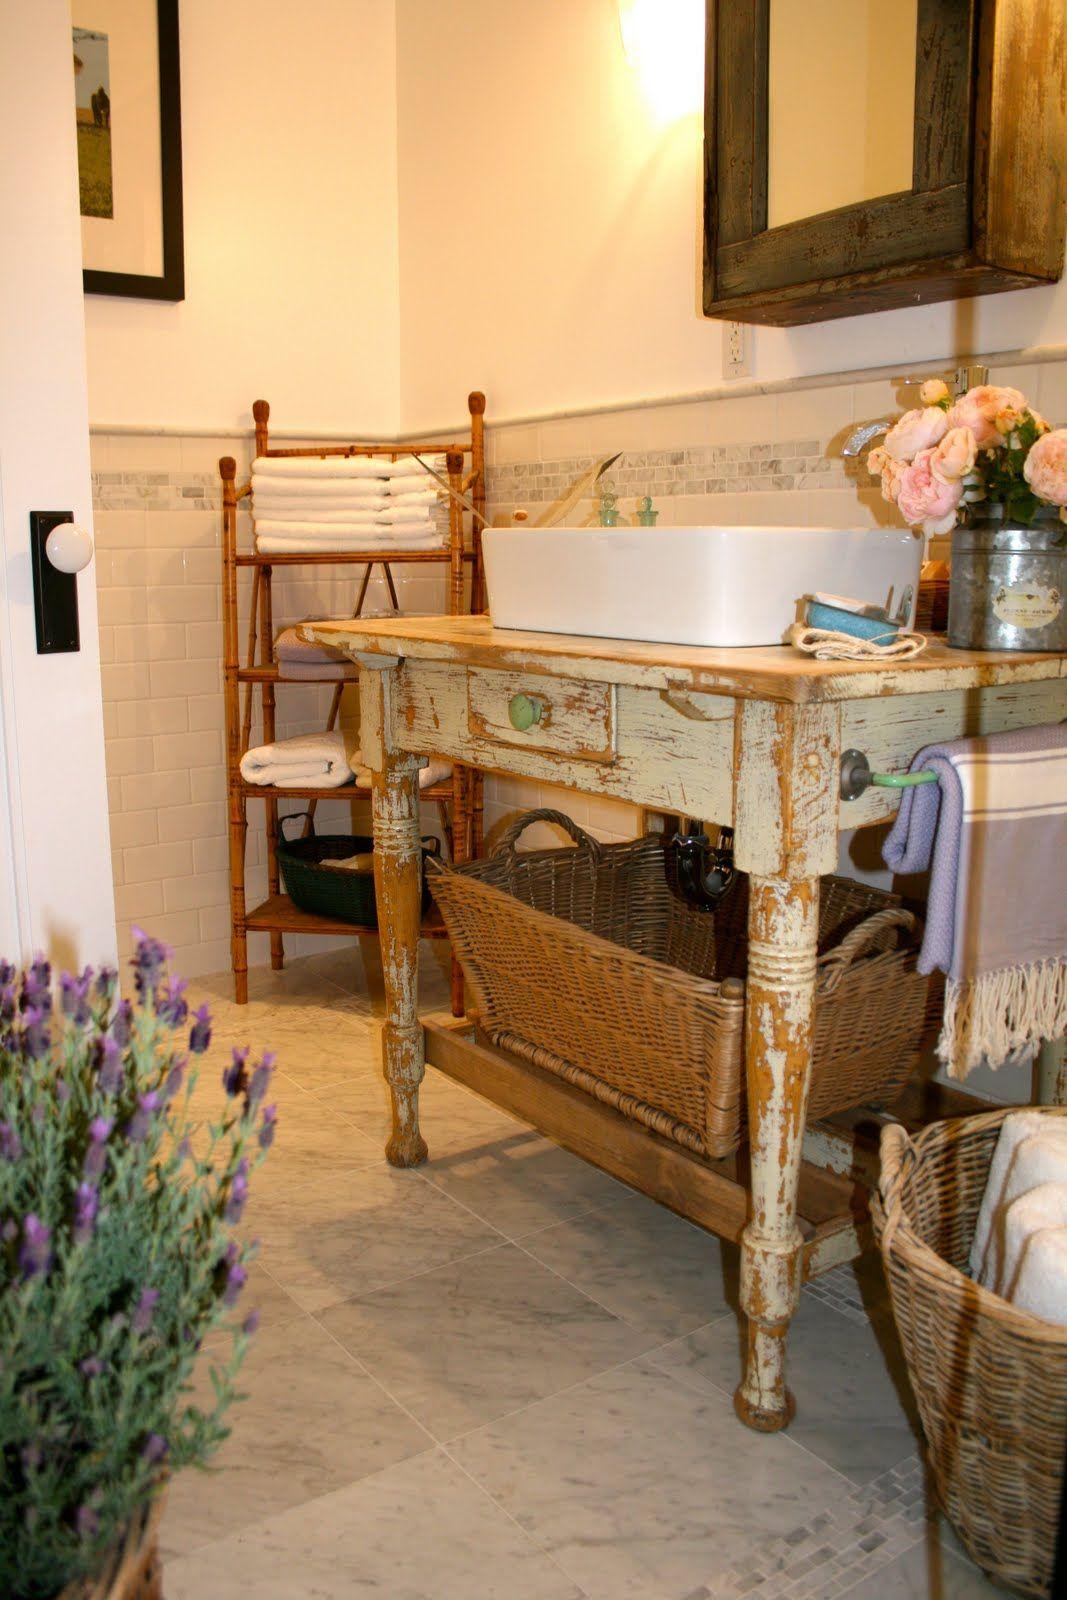 Leuk idee voor badkamer: tafel met wasbak erop. Vergelijkbare oude ...